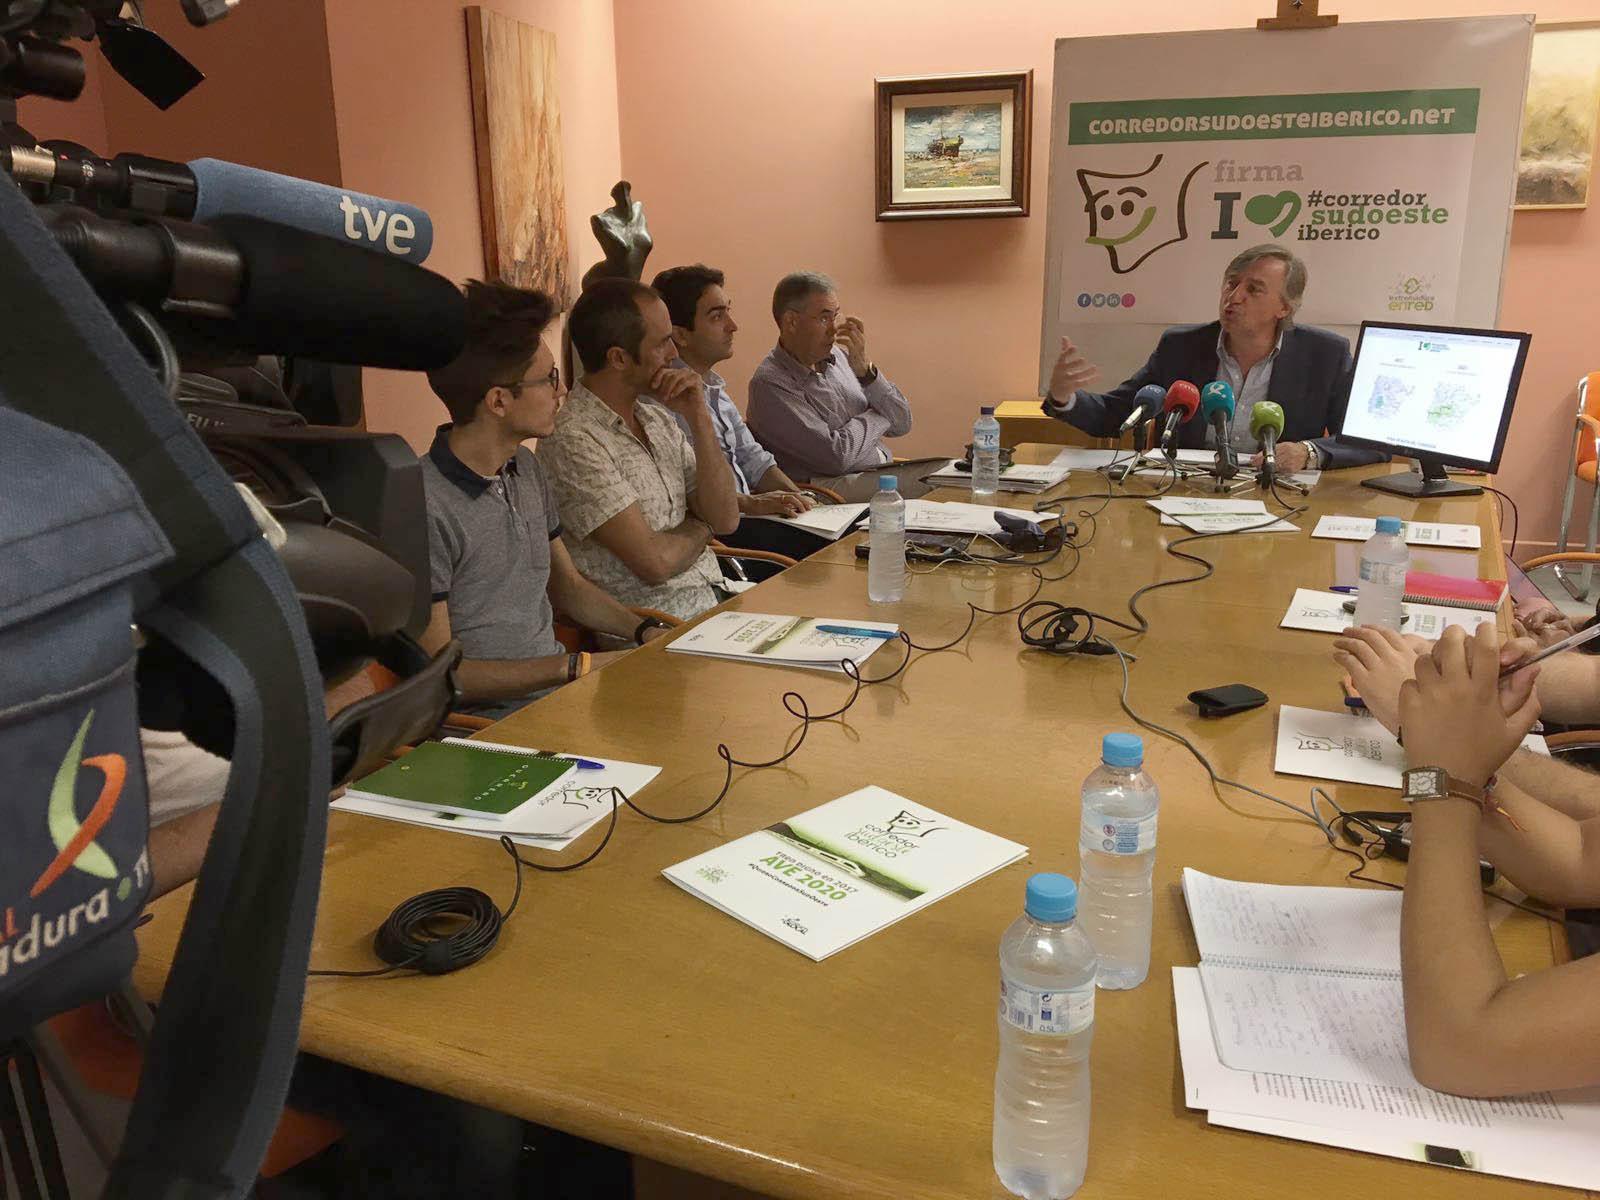 Presentación de la nueva web, Campaña de Adhesión y Plan de Acciones